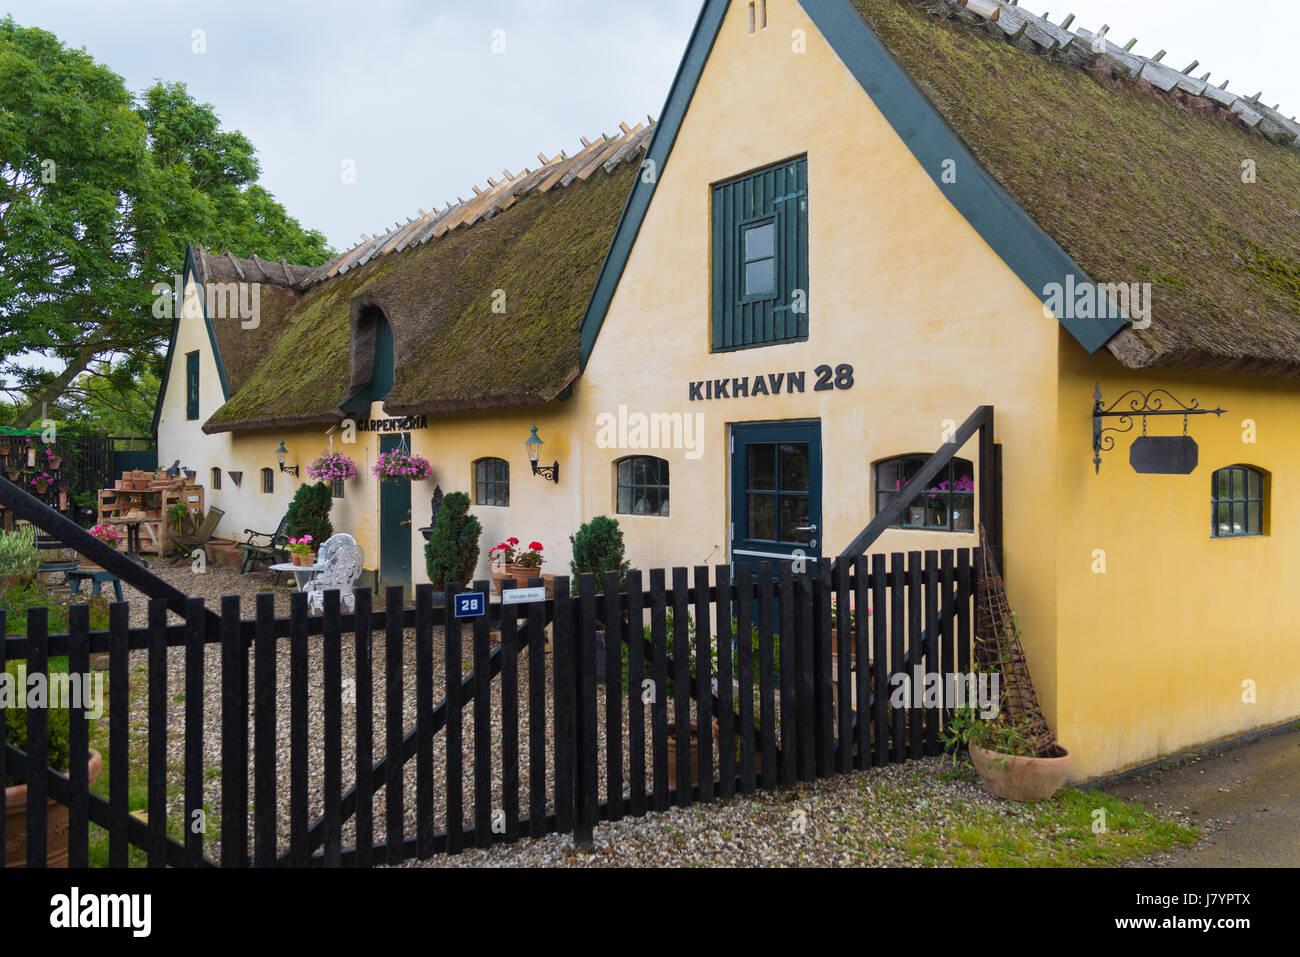 KIKHAVN, DENMARK - AUGUST 4, 2016: Typical danish house in the old fishermen's village of Kikhavn - Stock Image